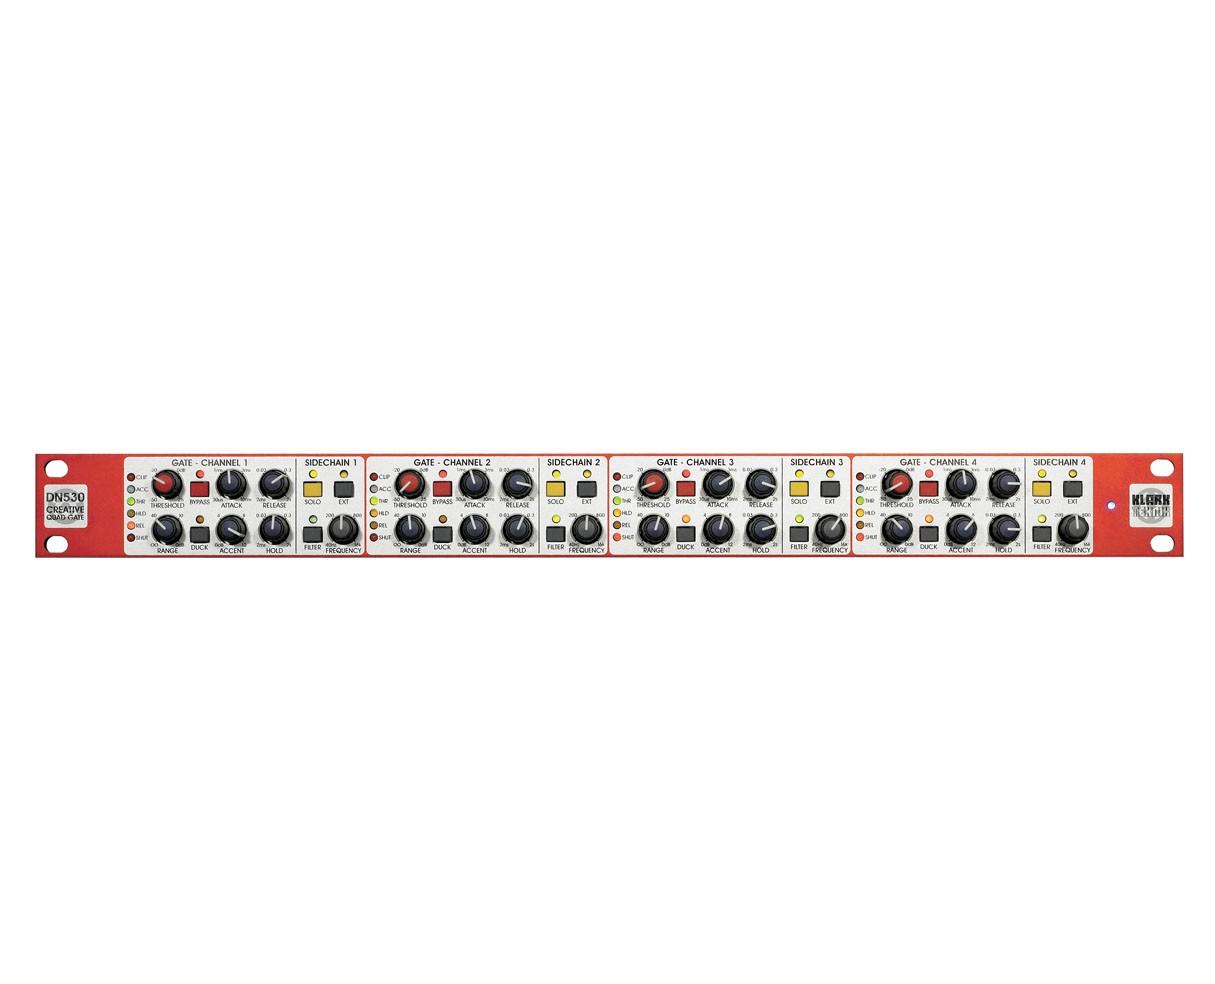 Klark Teknik DN530